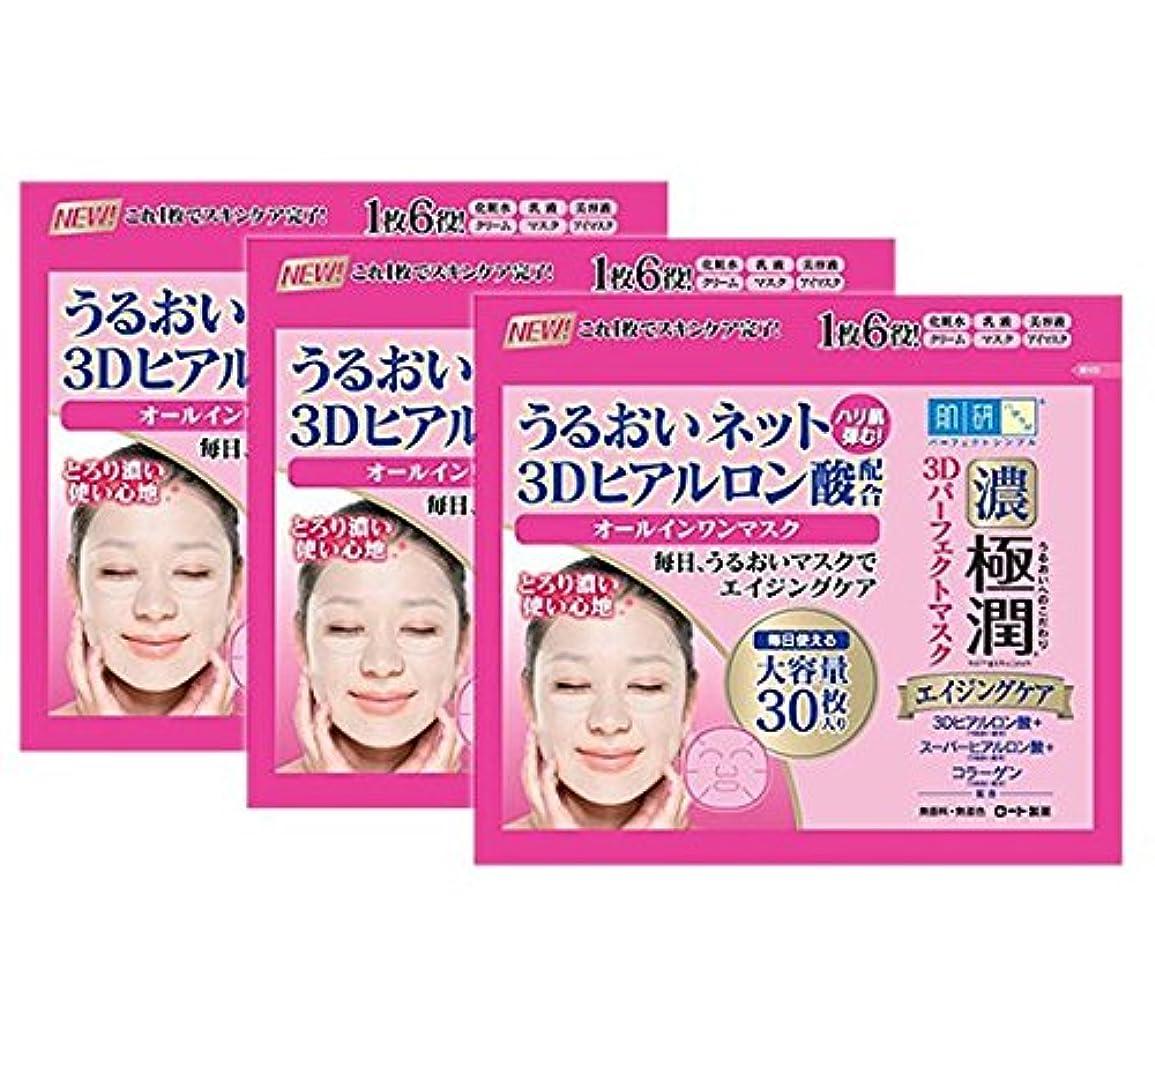 輝度クラフトシガレット【3個セット】肌研(ハダラボ) 極潤 3Dパーフェクトマスク 30枚入